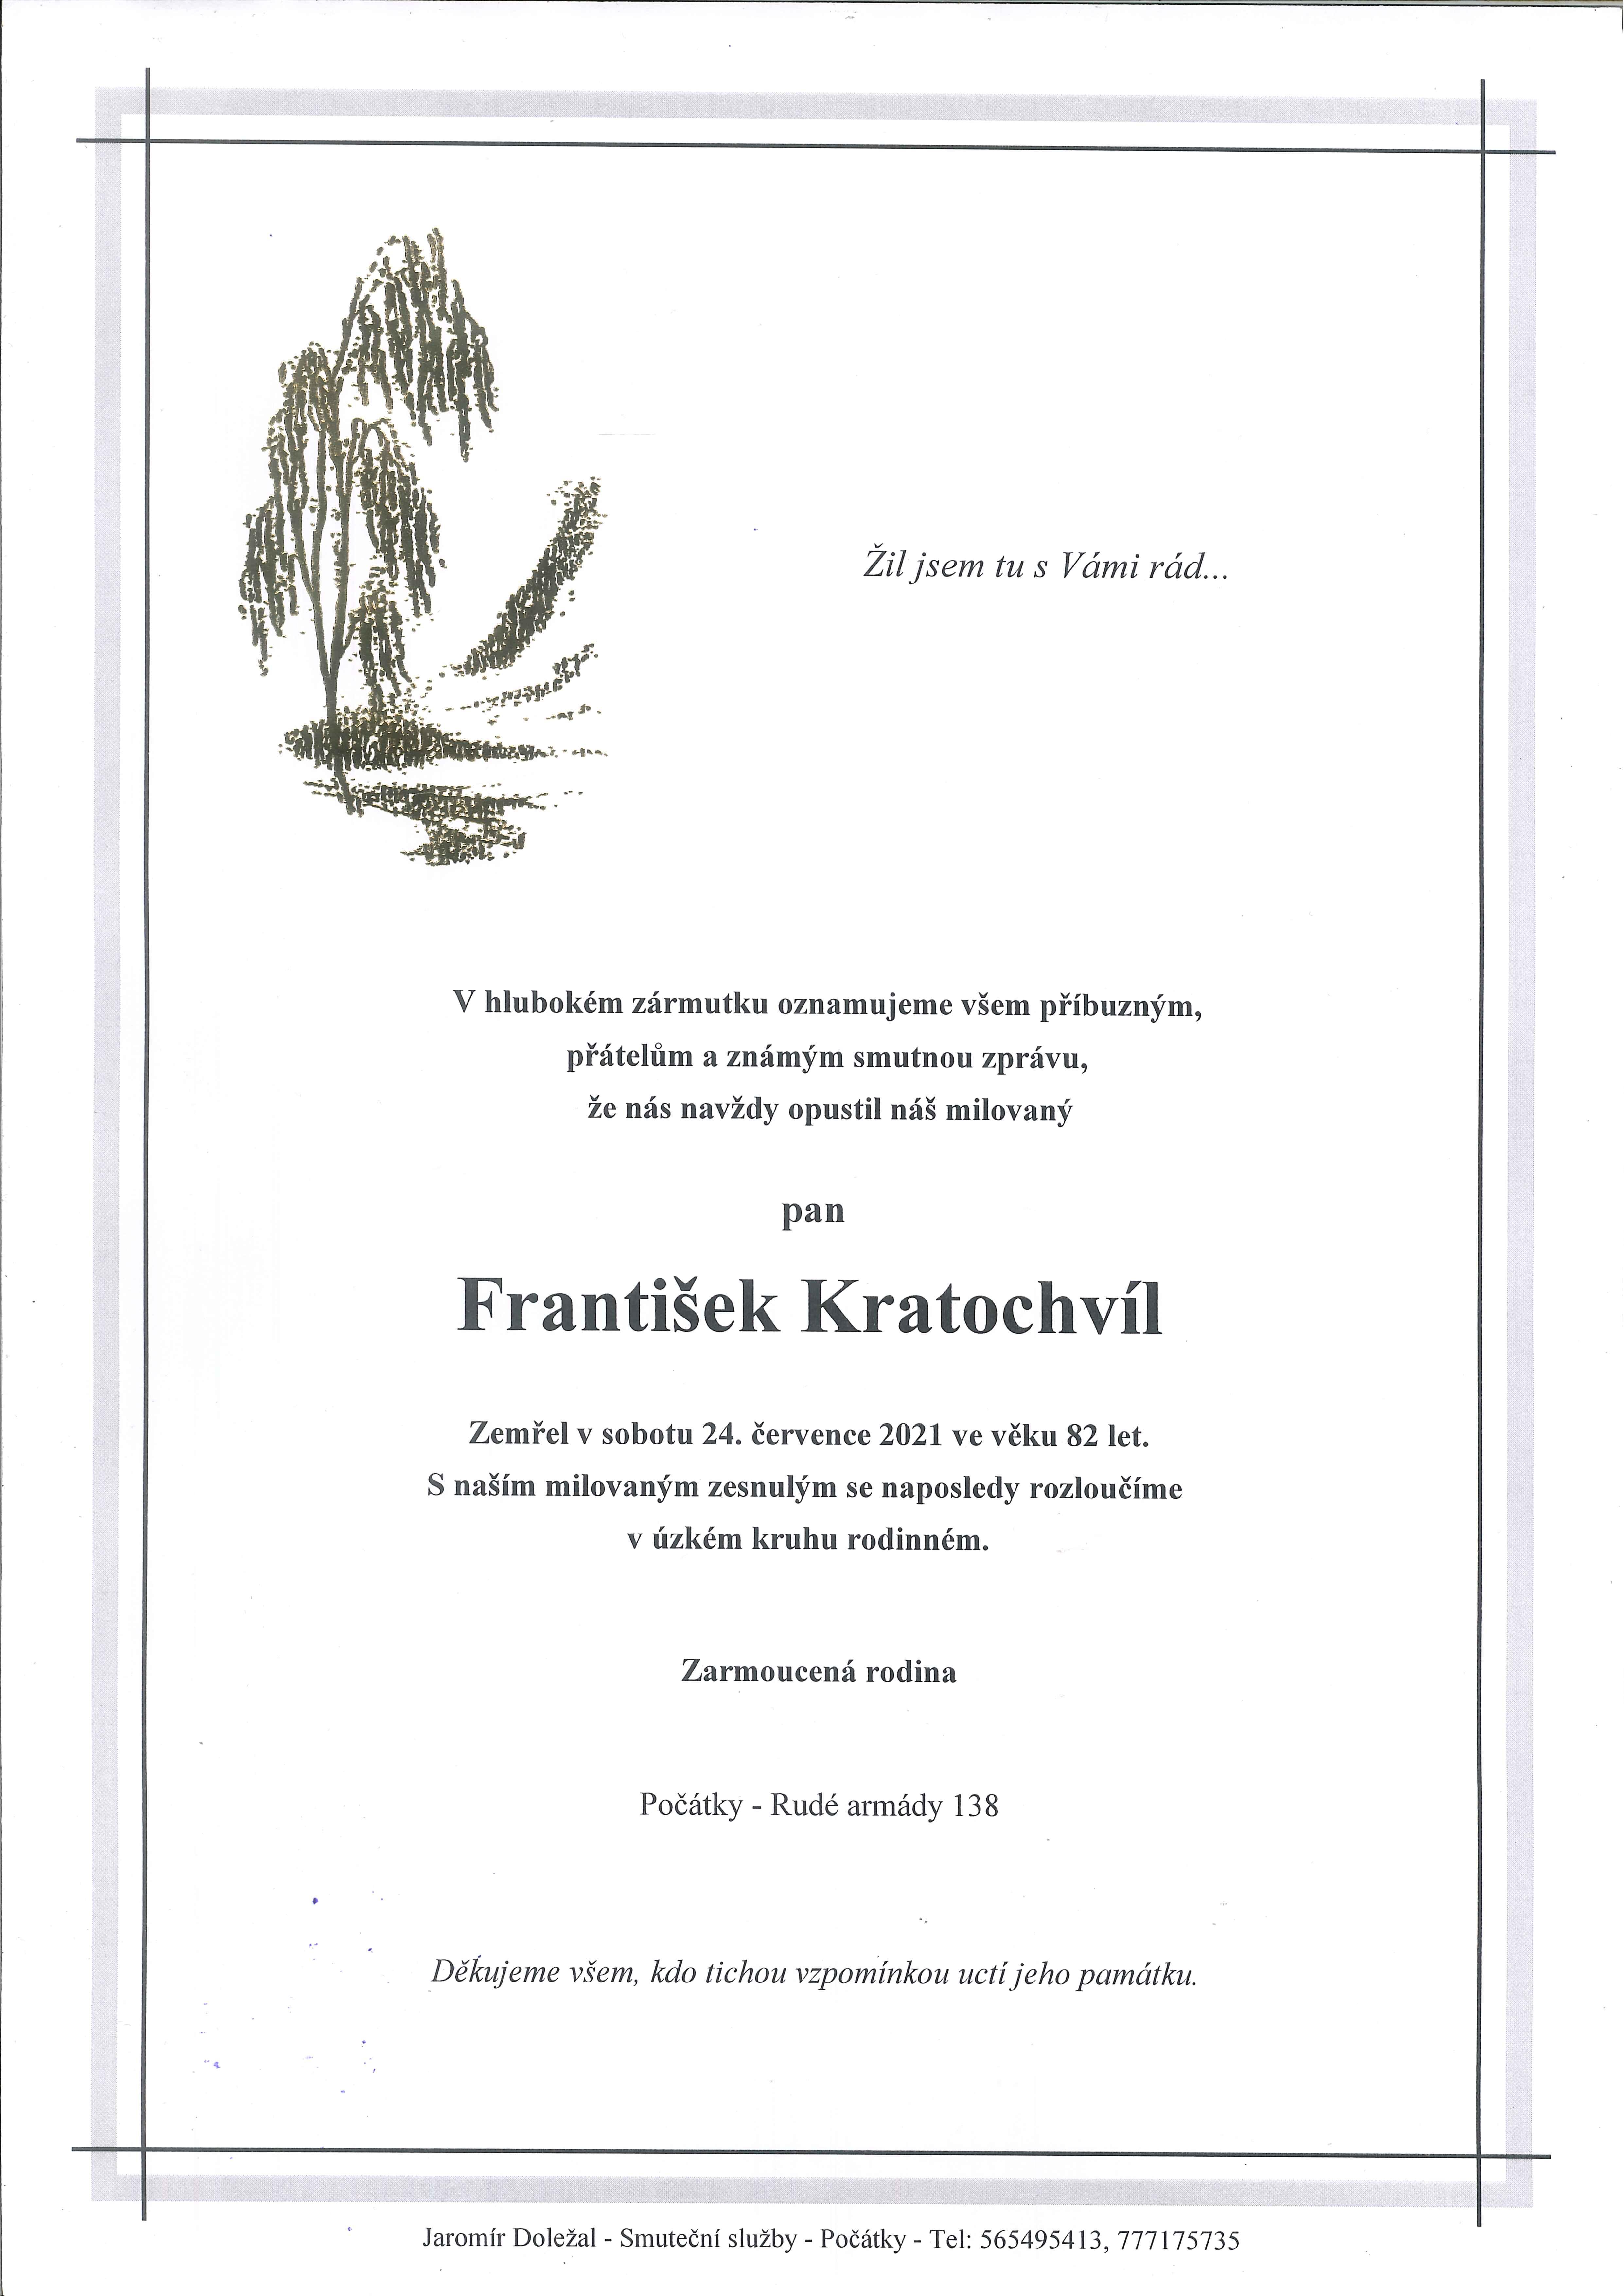 František Kratochvíl